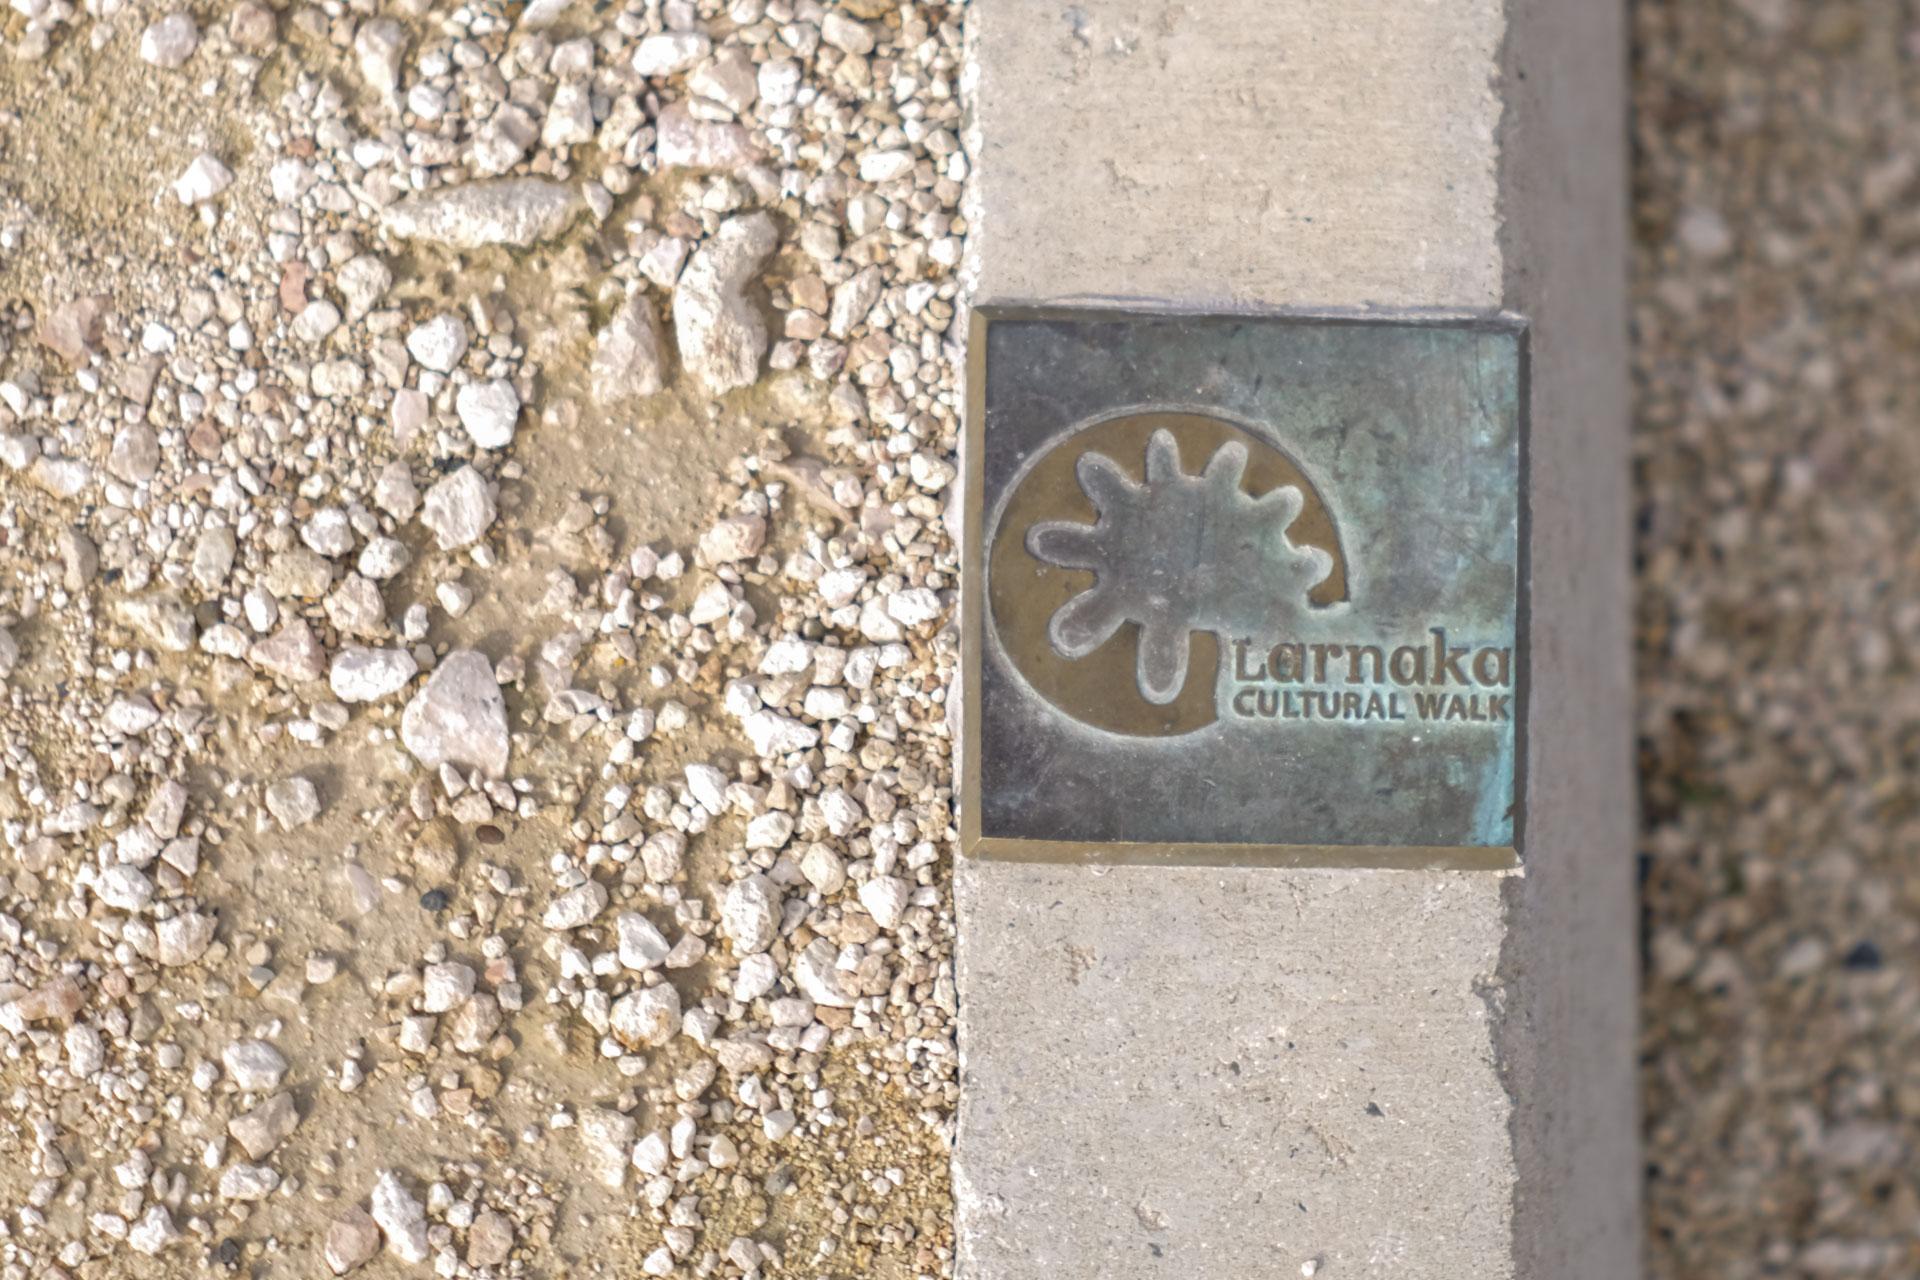 Пешеходный маршрут рядом с Ларнакой